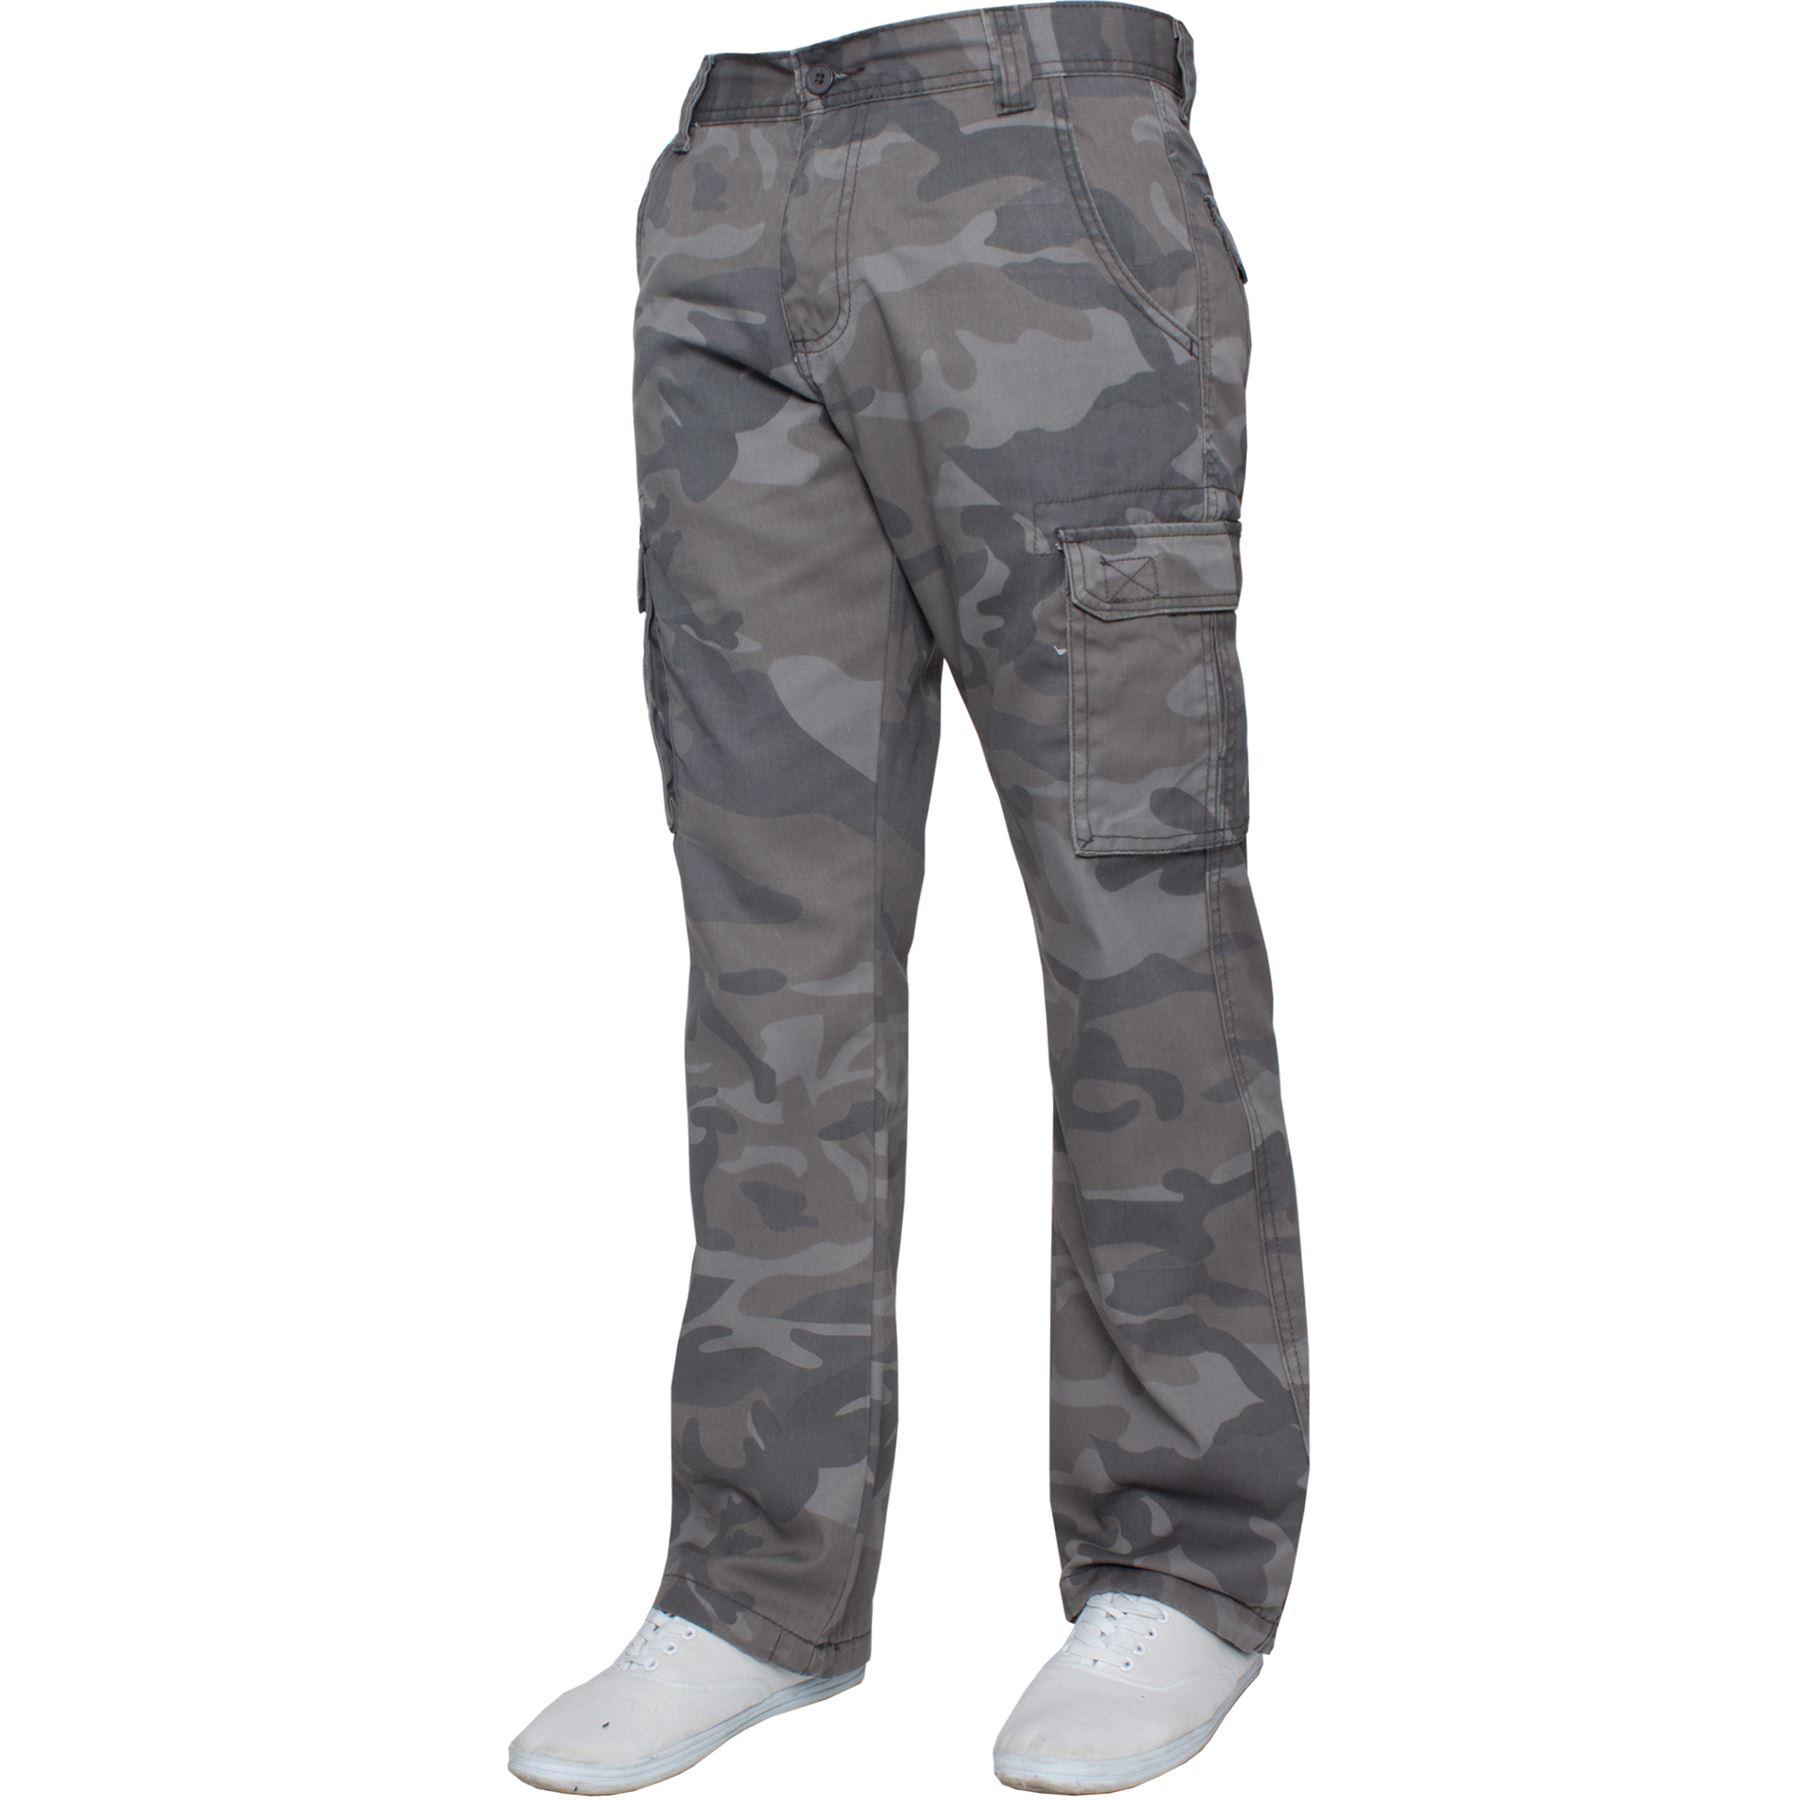 Kruze-Uomo-Militare-Pantaloni-Camouflage-Cargo-Mimetico-Casual-Lavoro miniatura 9